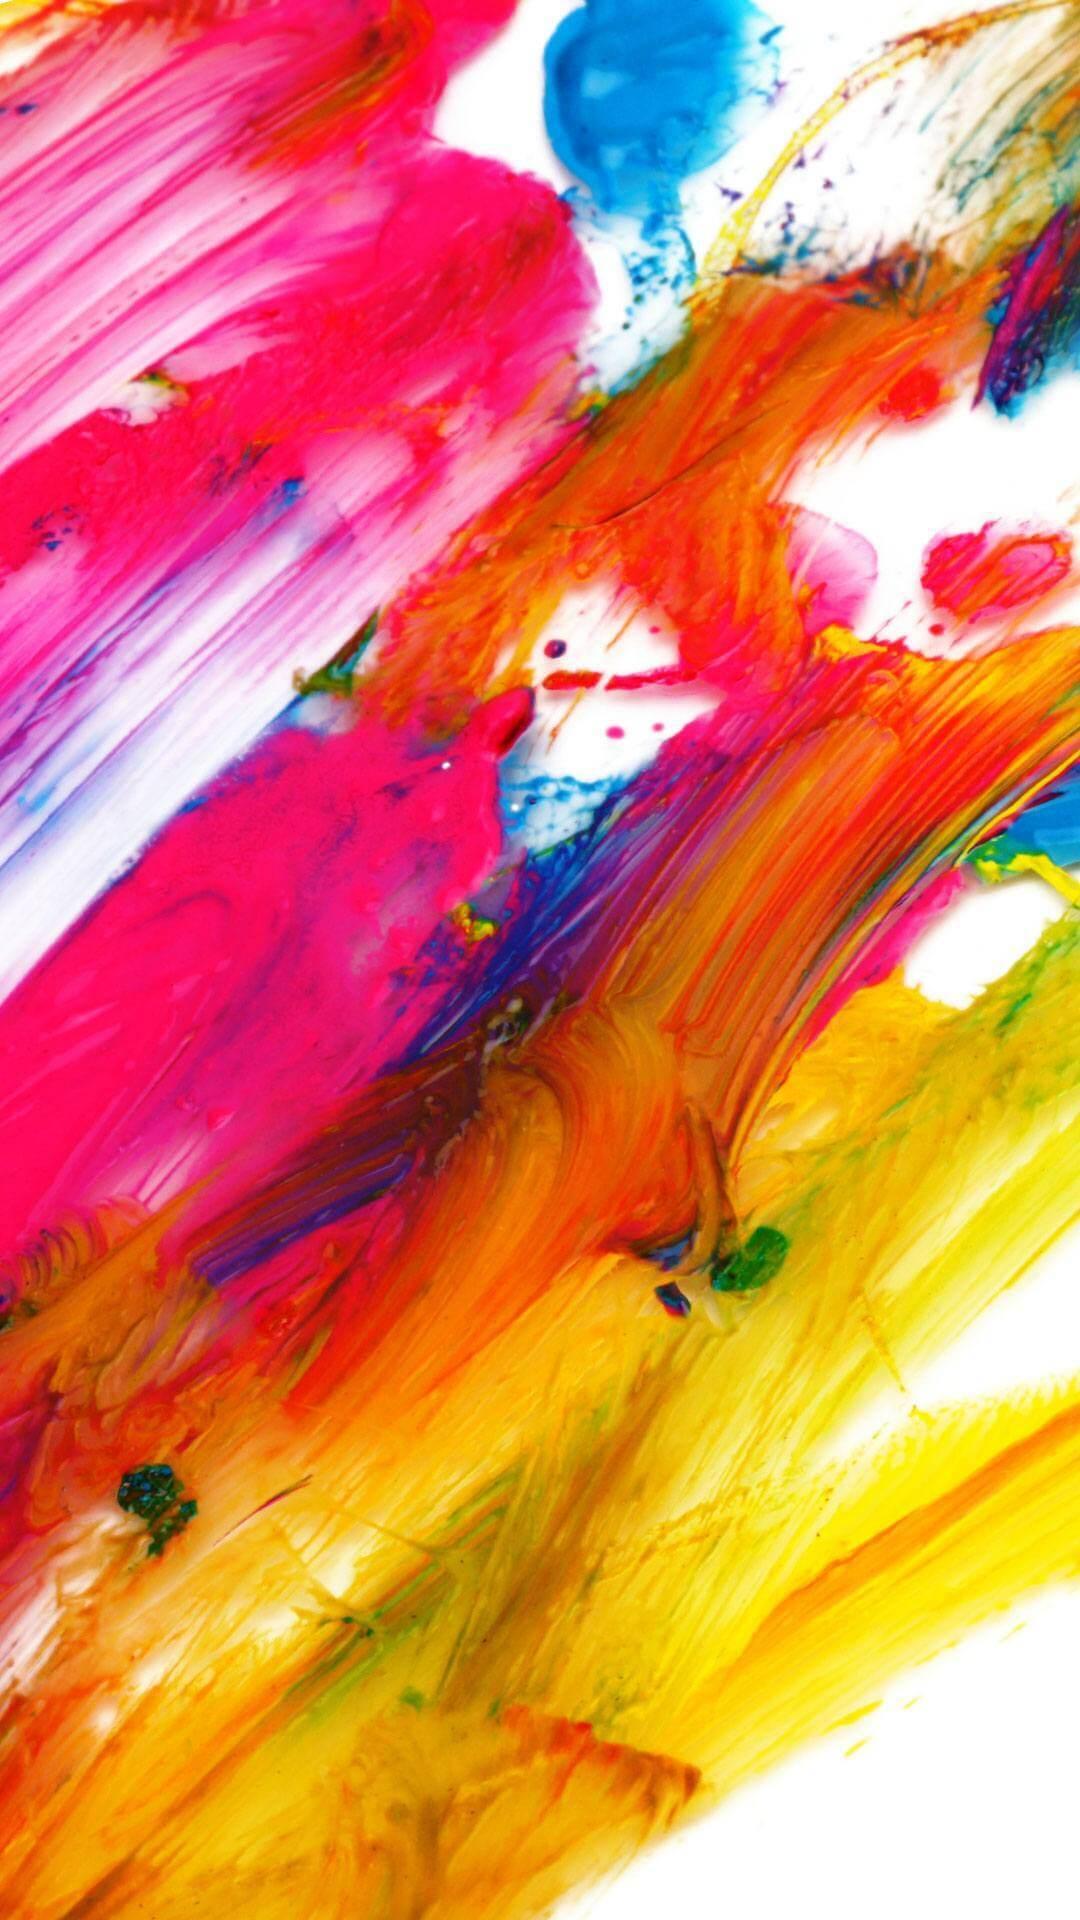 تصویر زمینه موبایل،عکس نقاشی،عکس نقاشی پروفایل،والپیپر نقاشی،عکس نقاشی برای موبایل